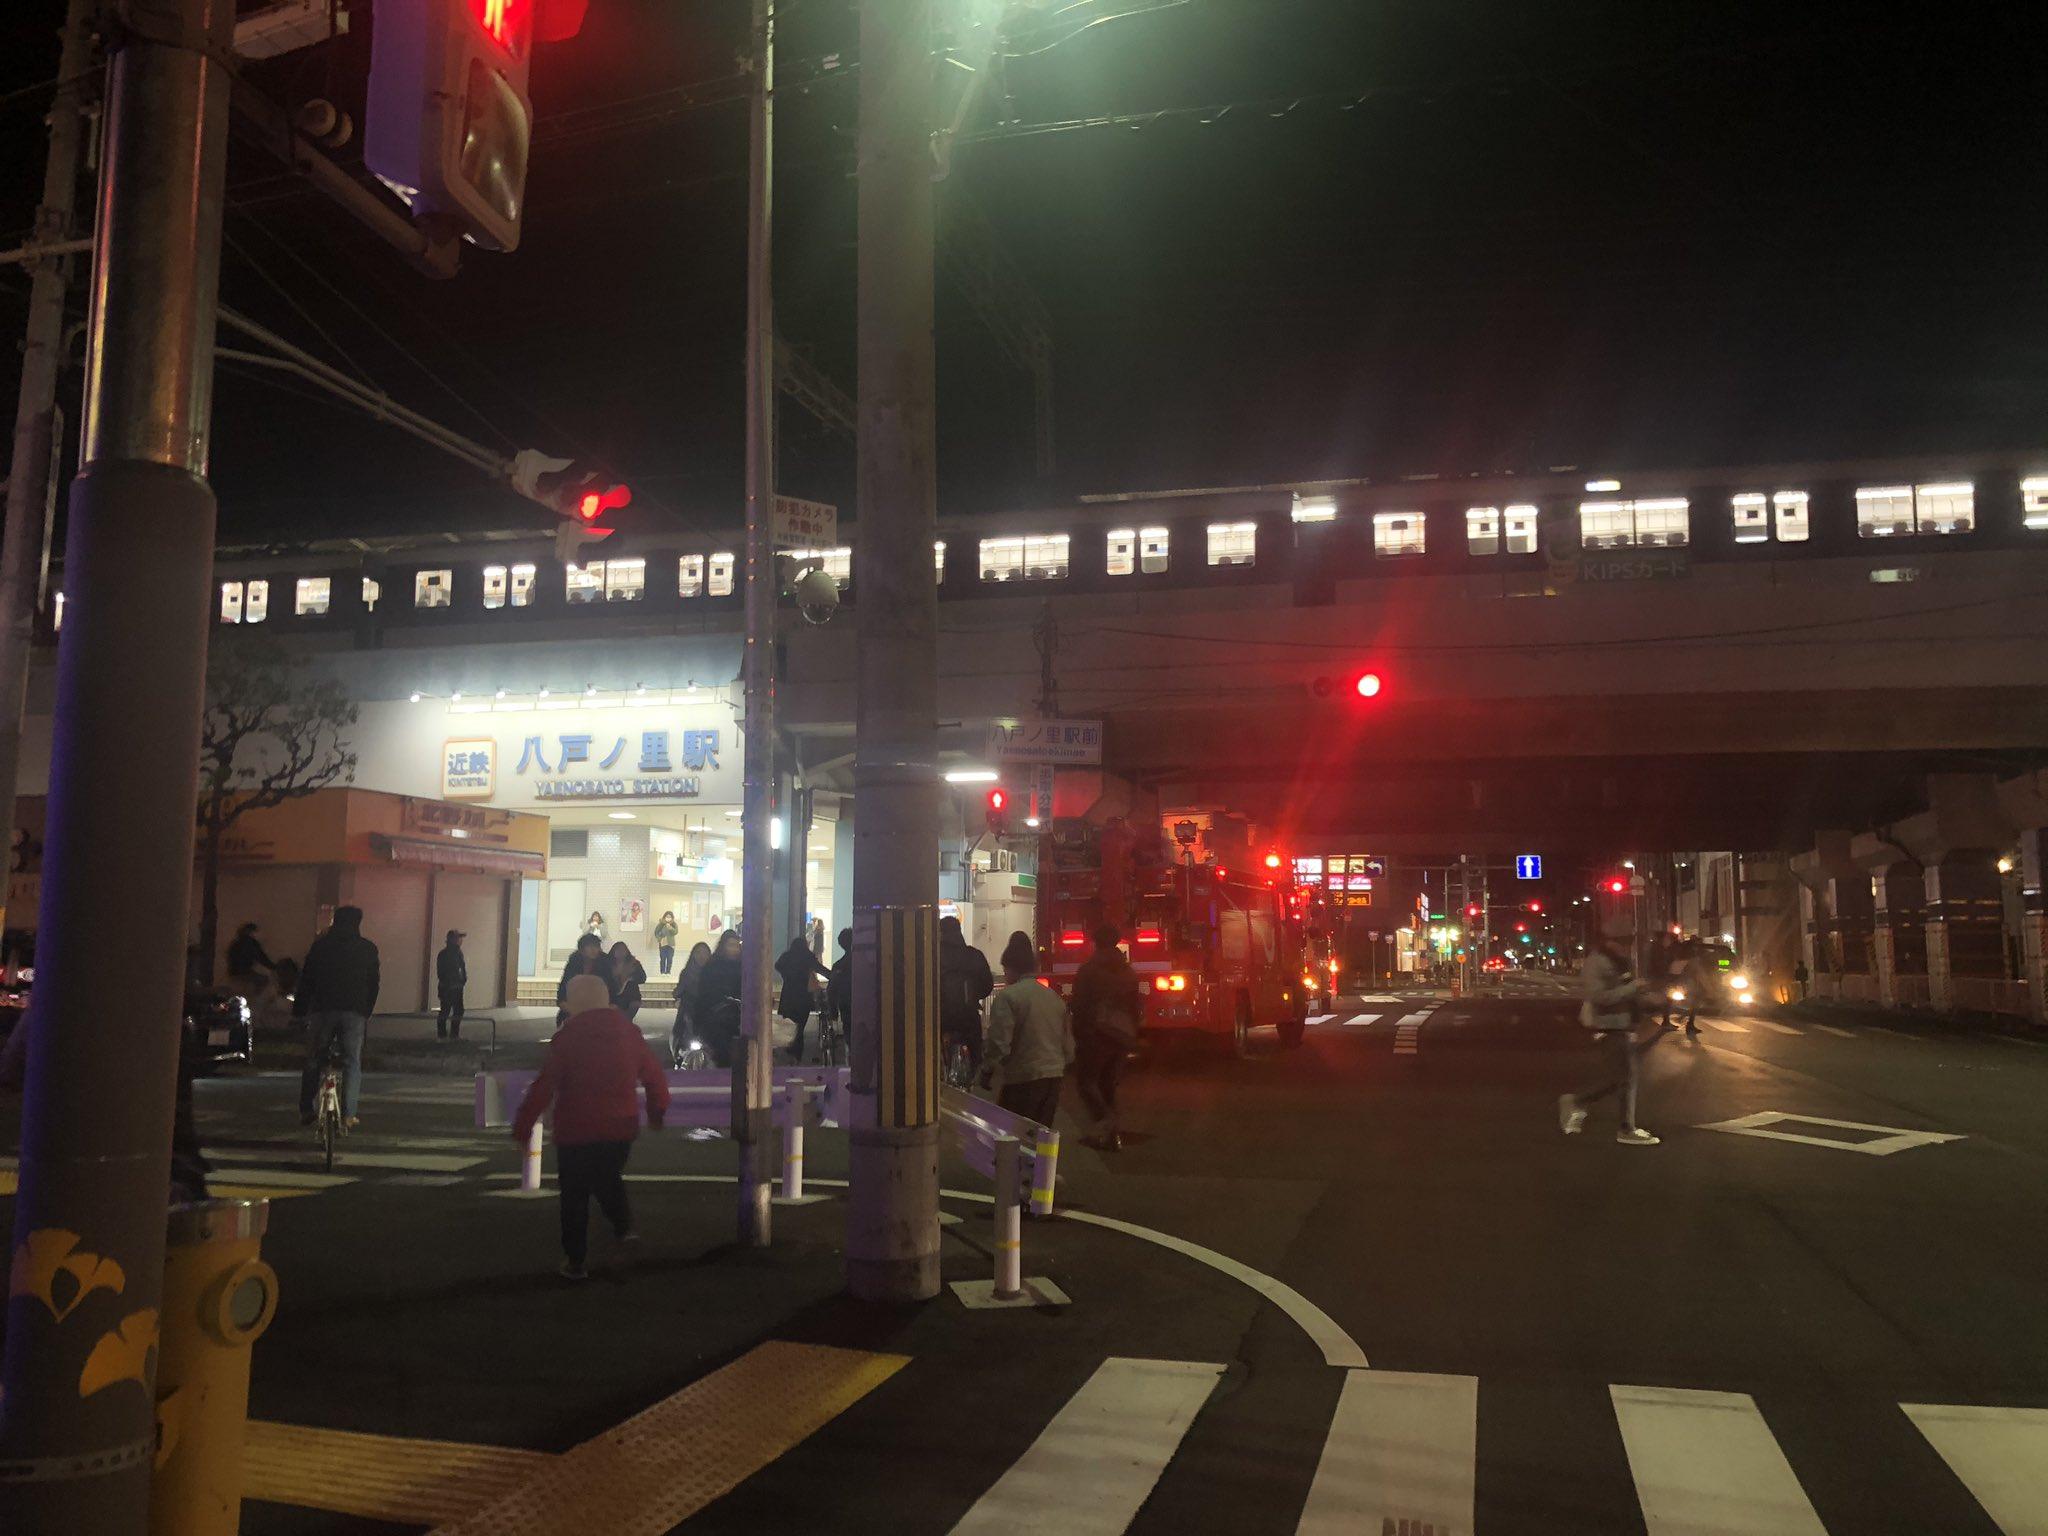 近鉄奈良線の八戸ノ里駅で人身事故が発生した画像